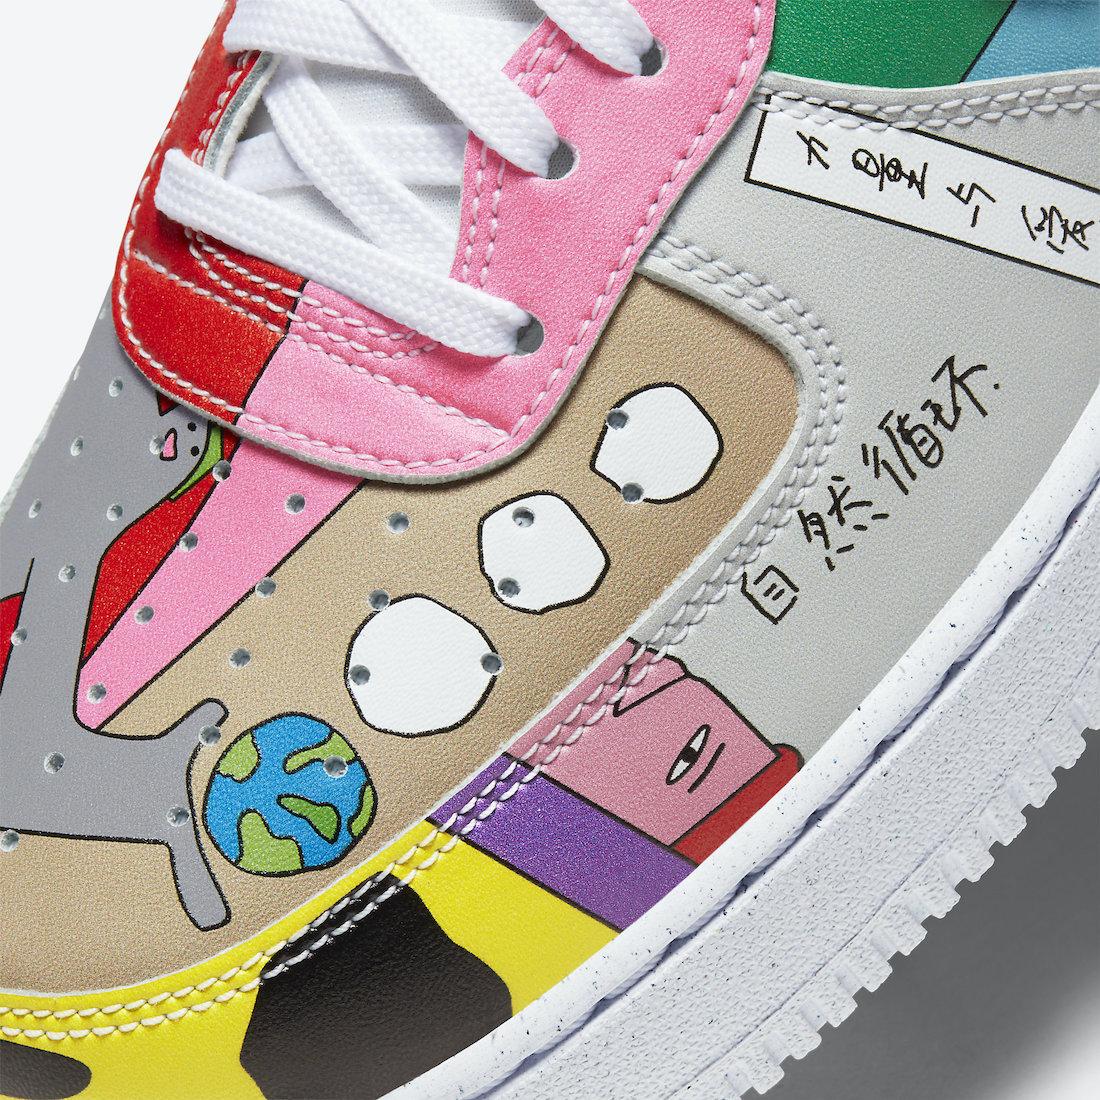 Pánské barevné tenisky Ruohan Wang x Nike Air Force 1 Flyleather White Multi Color CZ3990-900 nízké kožené boty a obuv Nike AF1